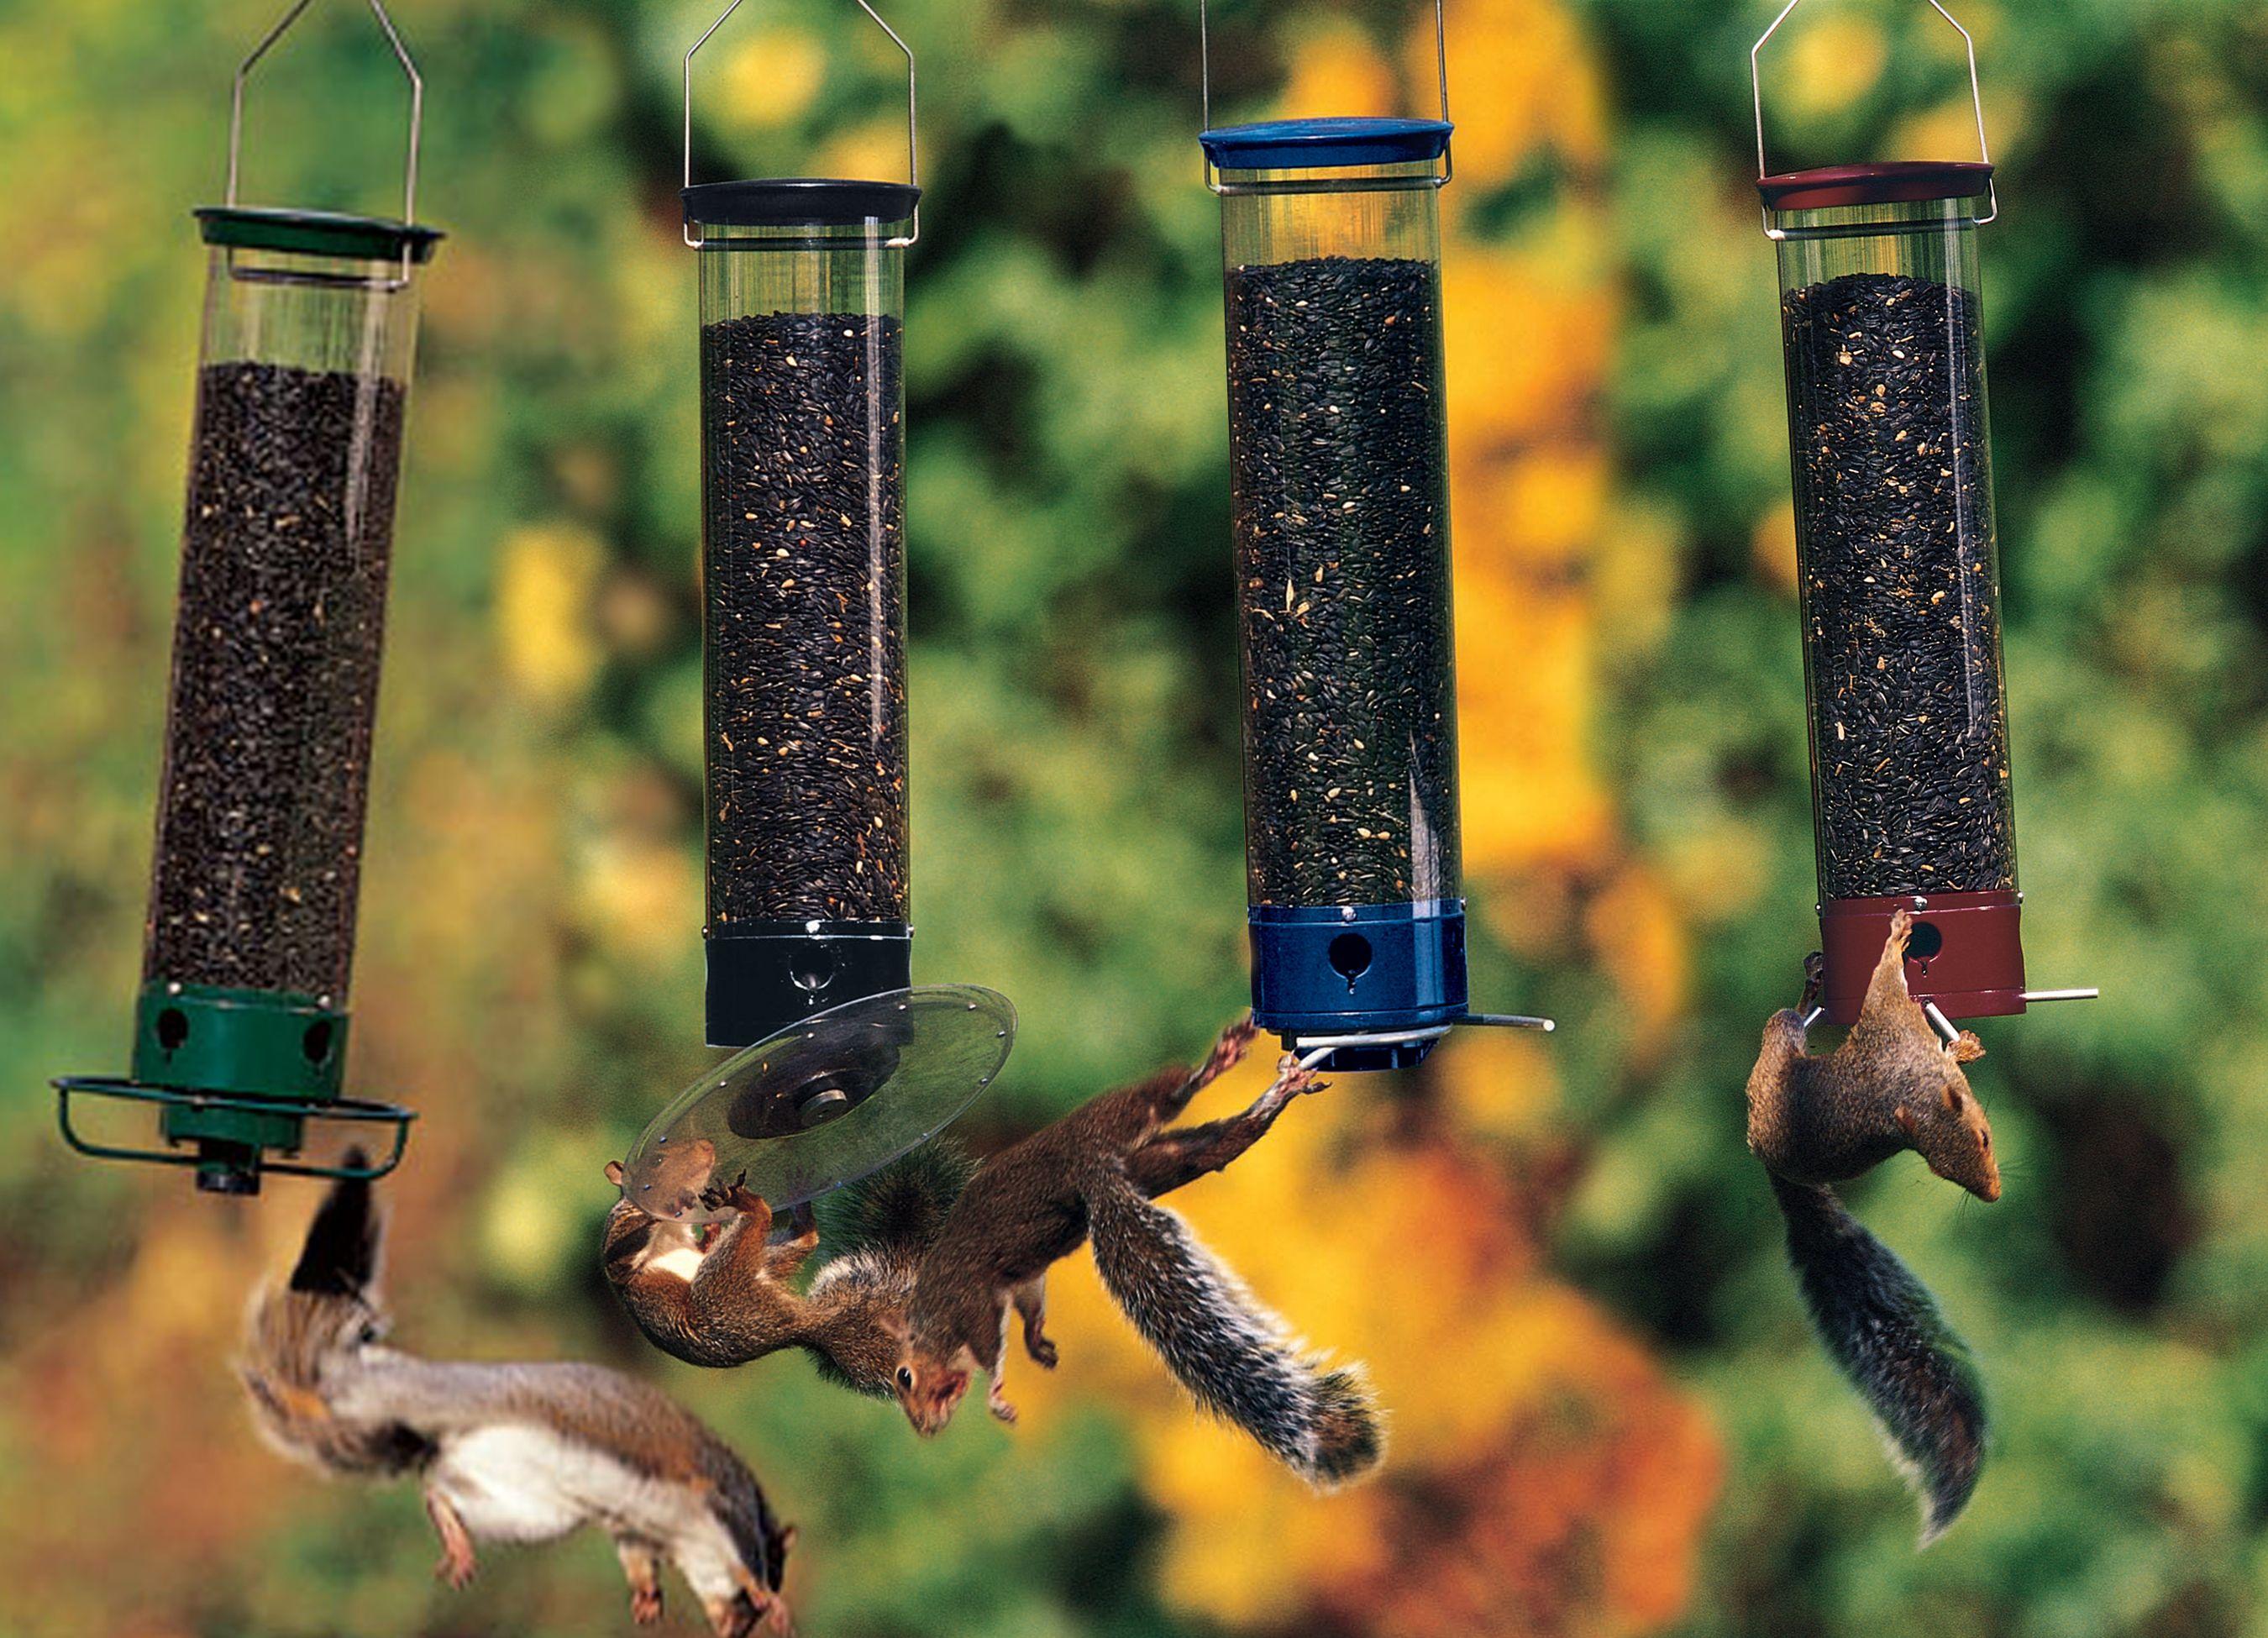 Birding bird how to attract birds bird feeders